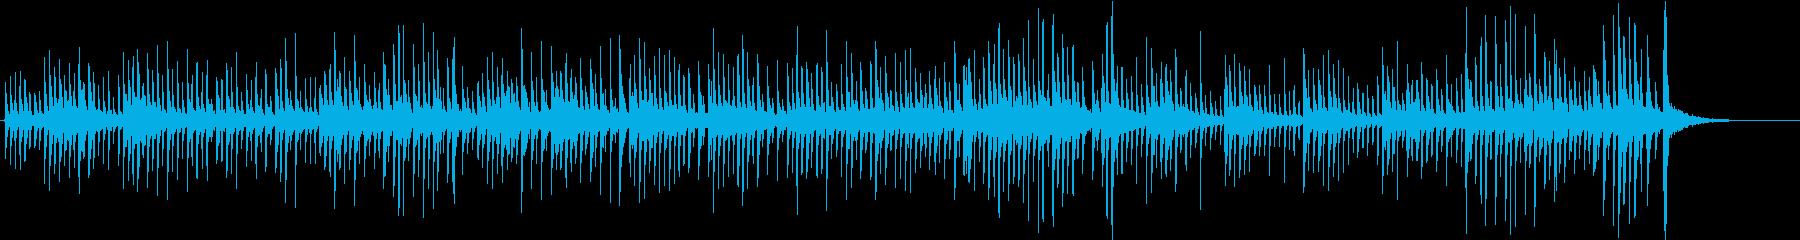 バイオリンとチェロのピチカートでバッハの再生済みの波形